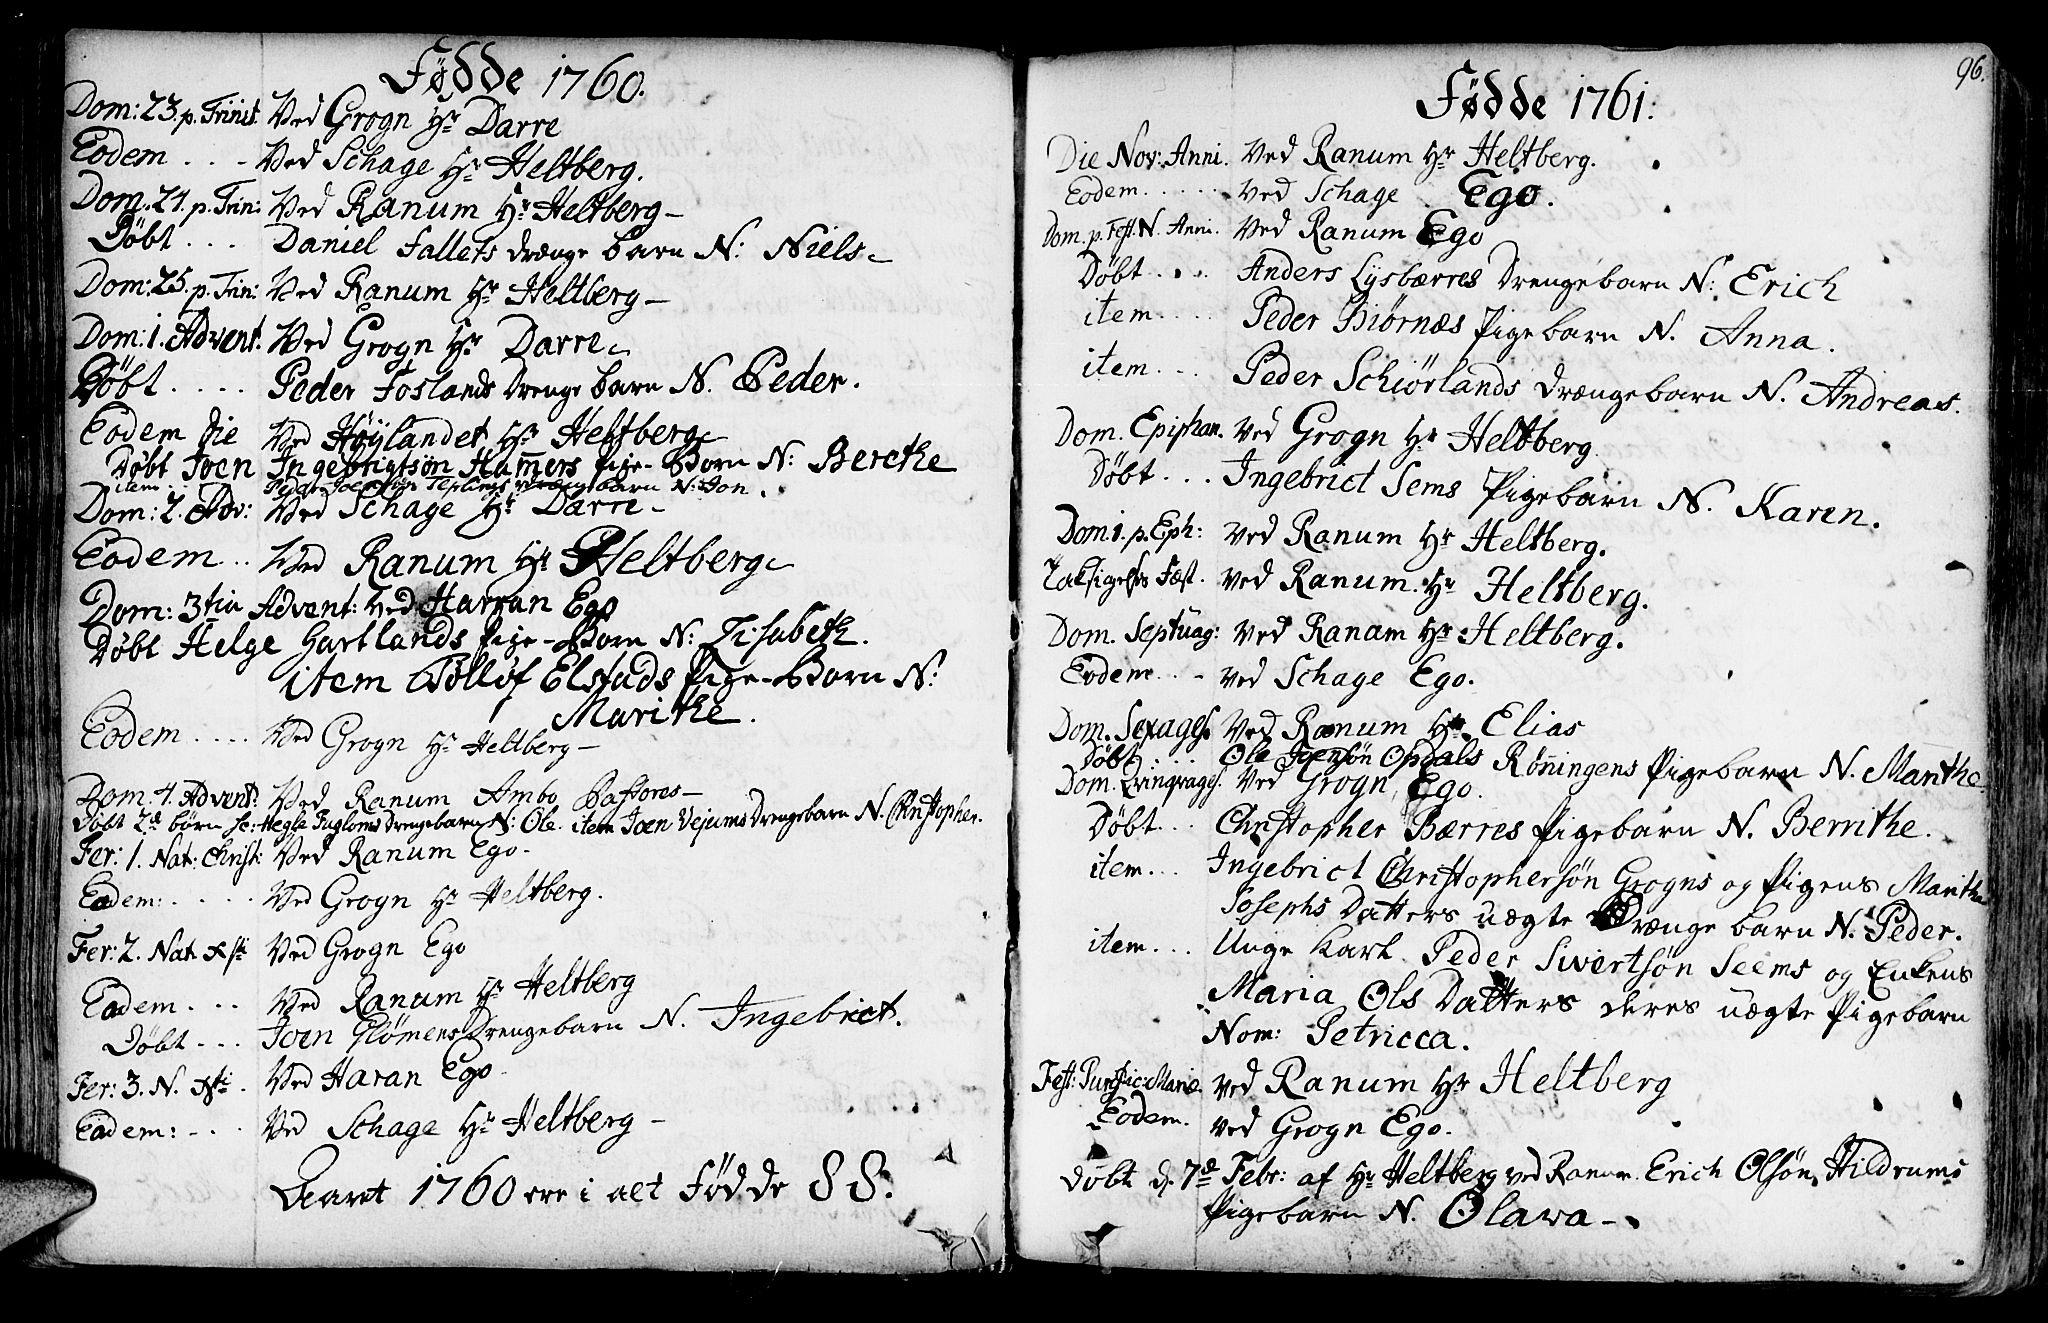 SAT, Ministerialprotokoller, klokkerbøker og fødselsregistre - Nord-Trøndelag, 764/L0542: Ministerialbok nr. 764A02, 1748-1779, s. 96